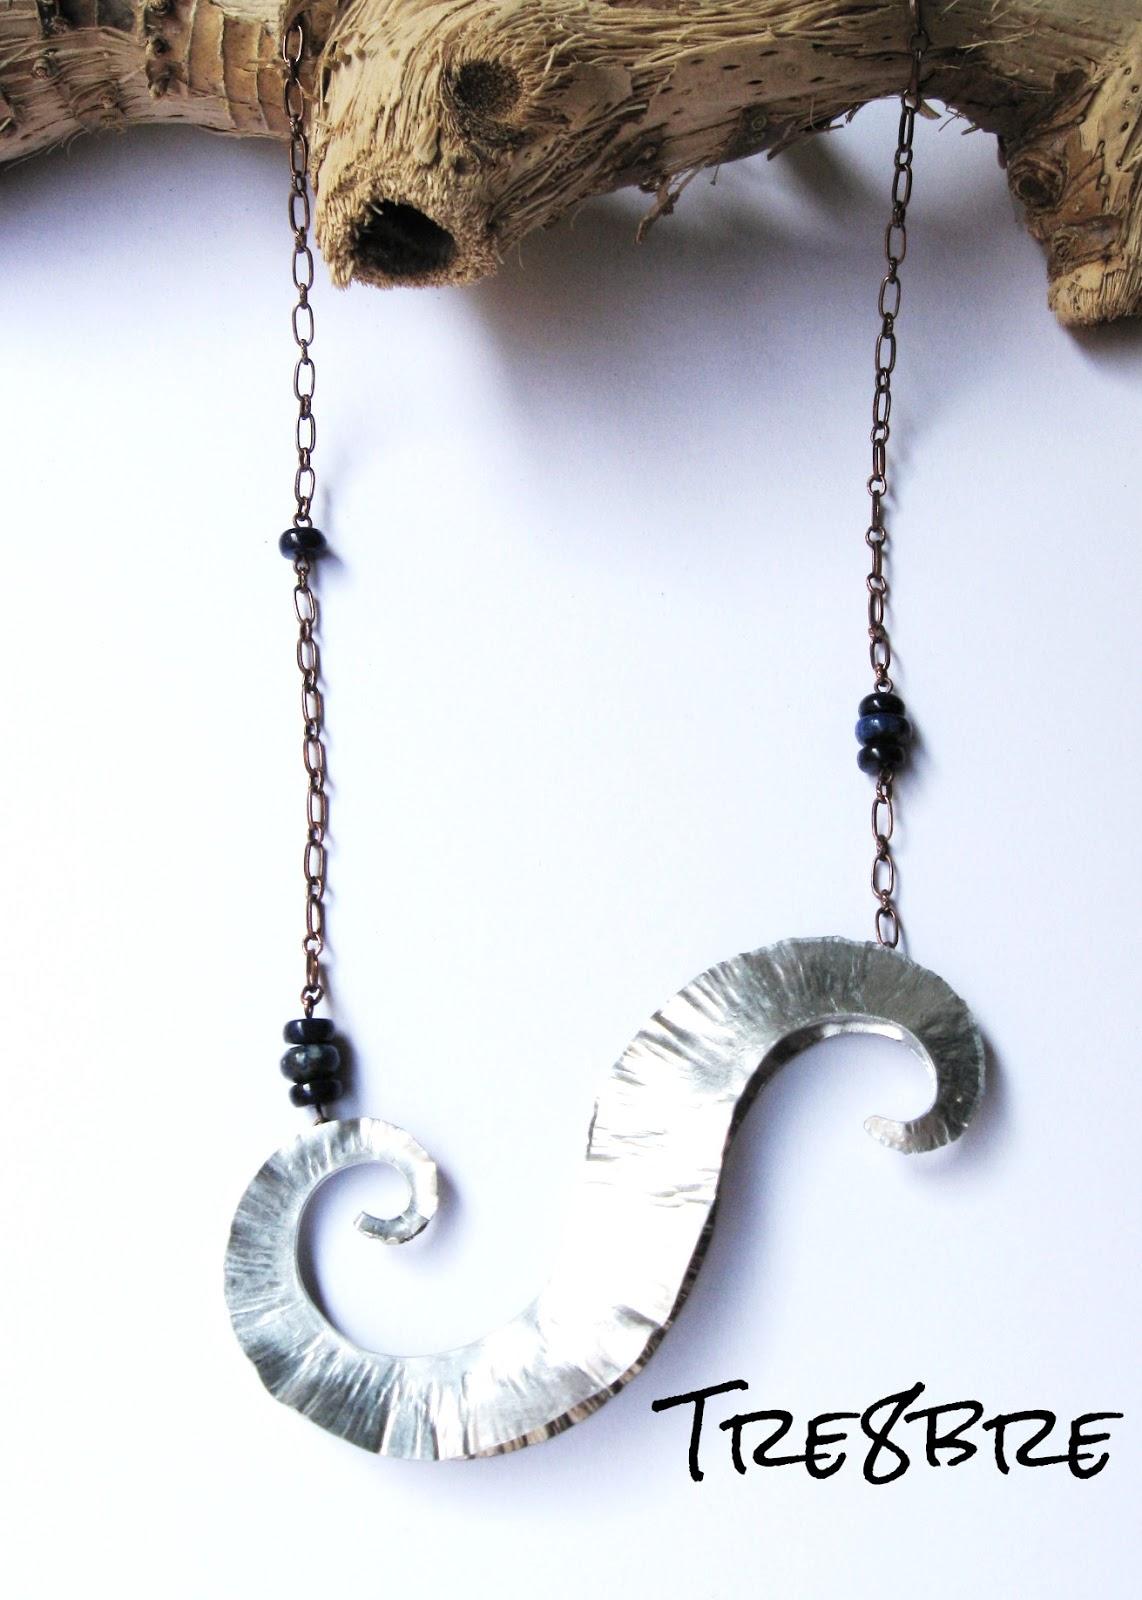 Time Vortex - Aluminium, Lapis lazuli, by Tre8bre